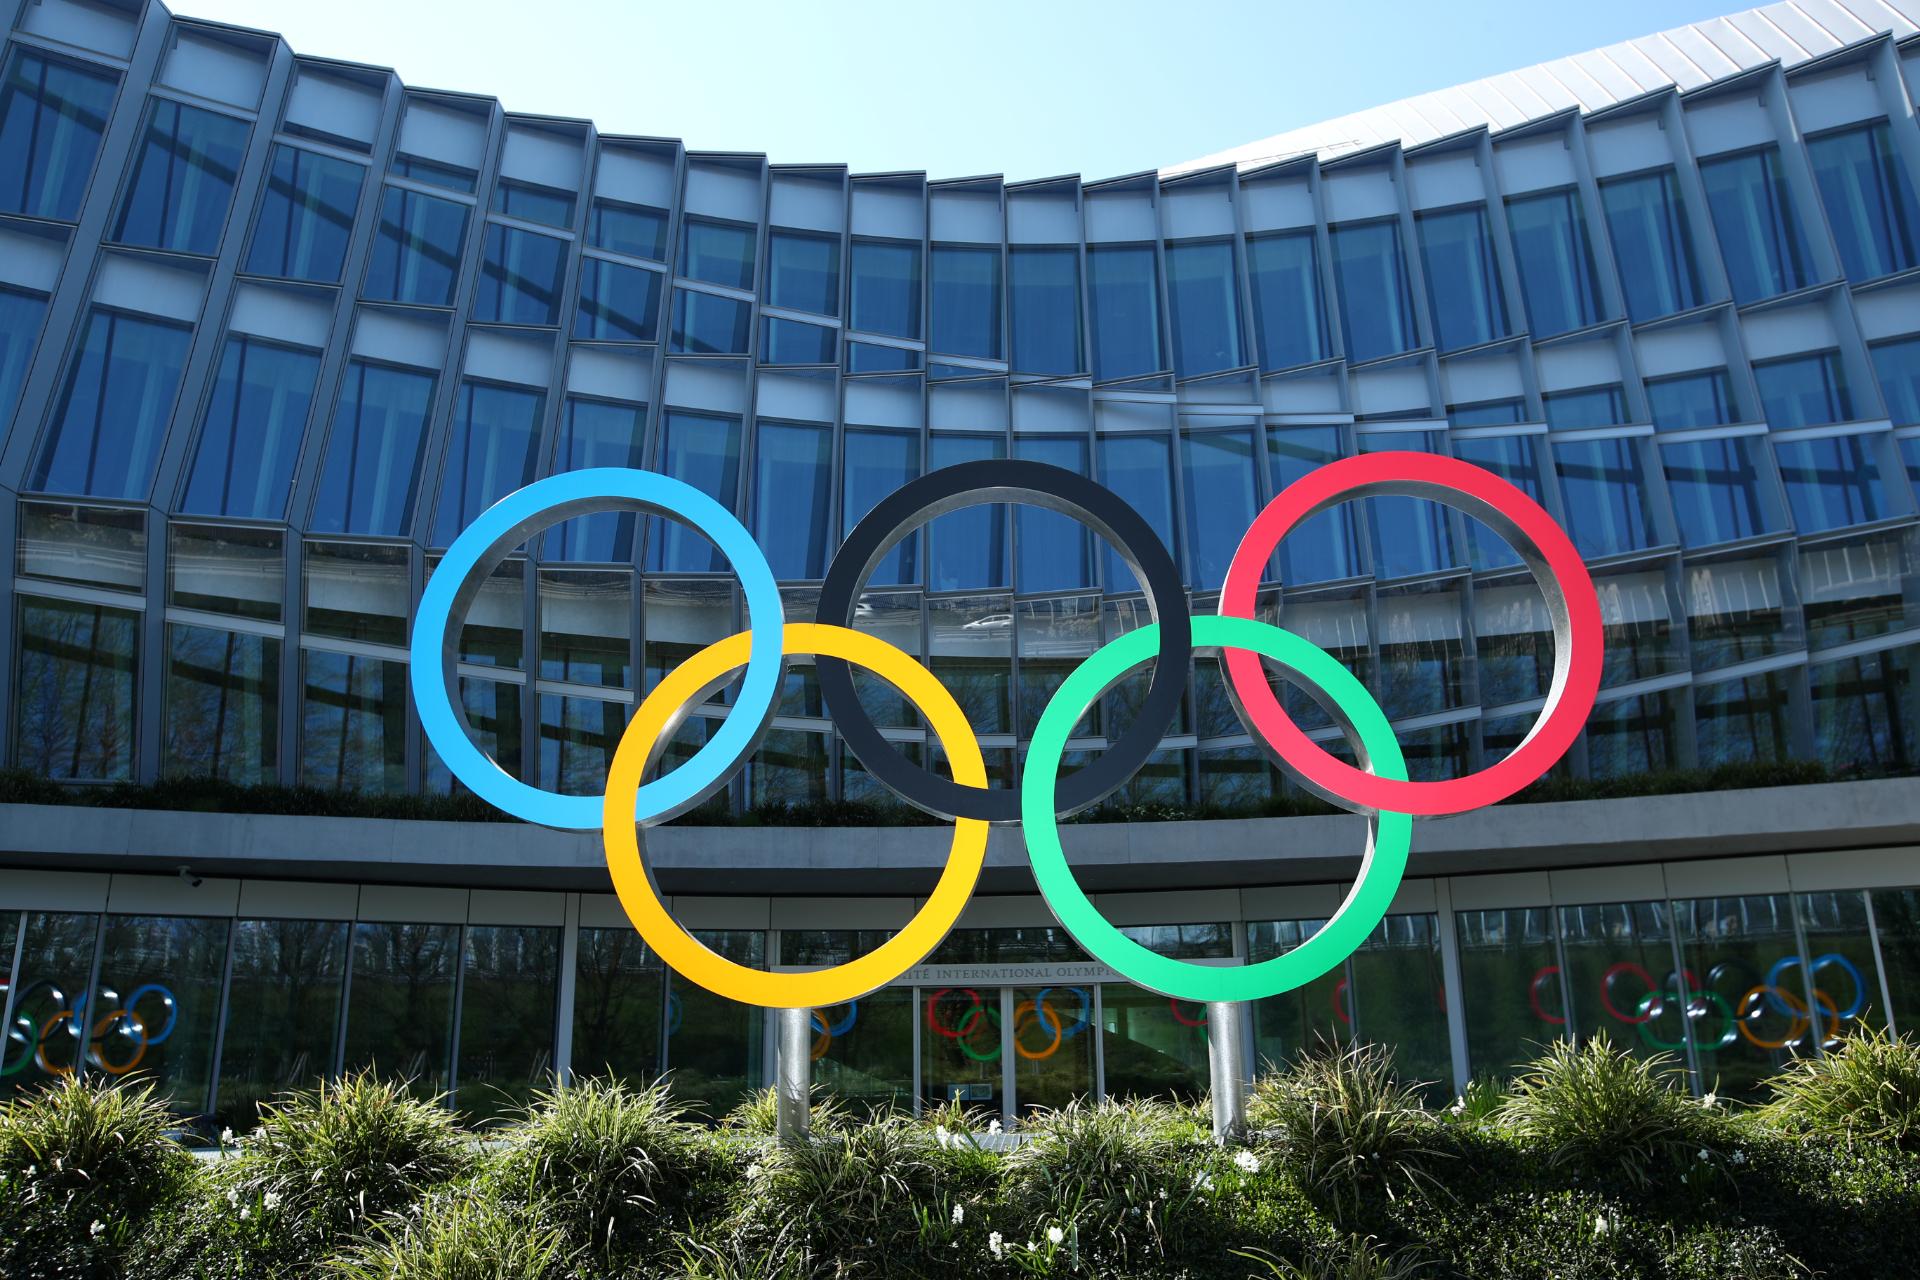 Olimpíada de Tóquio seria realizada de 24 de julho a 9 de agosto